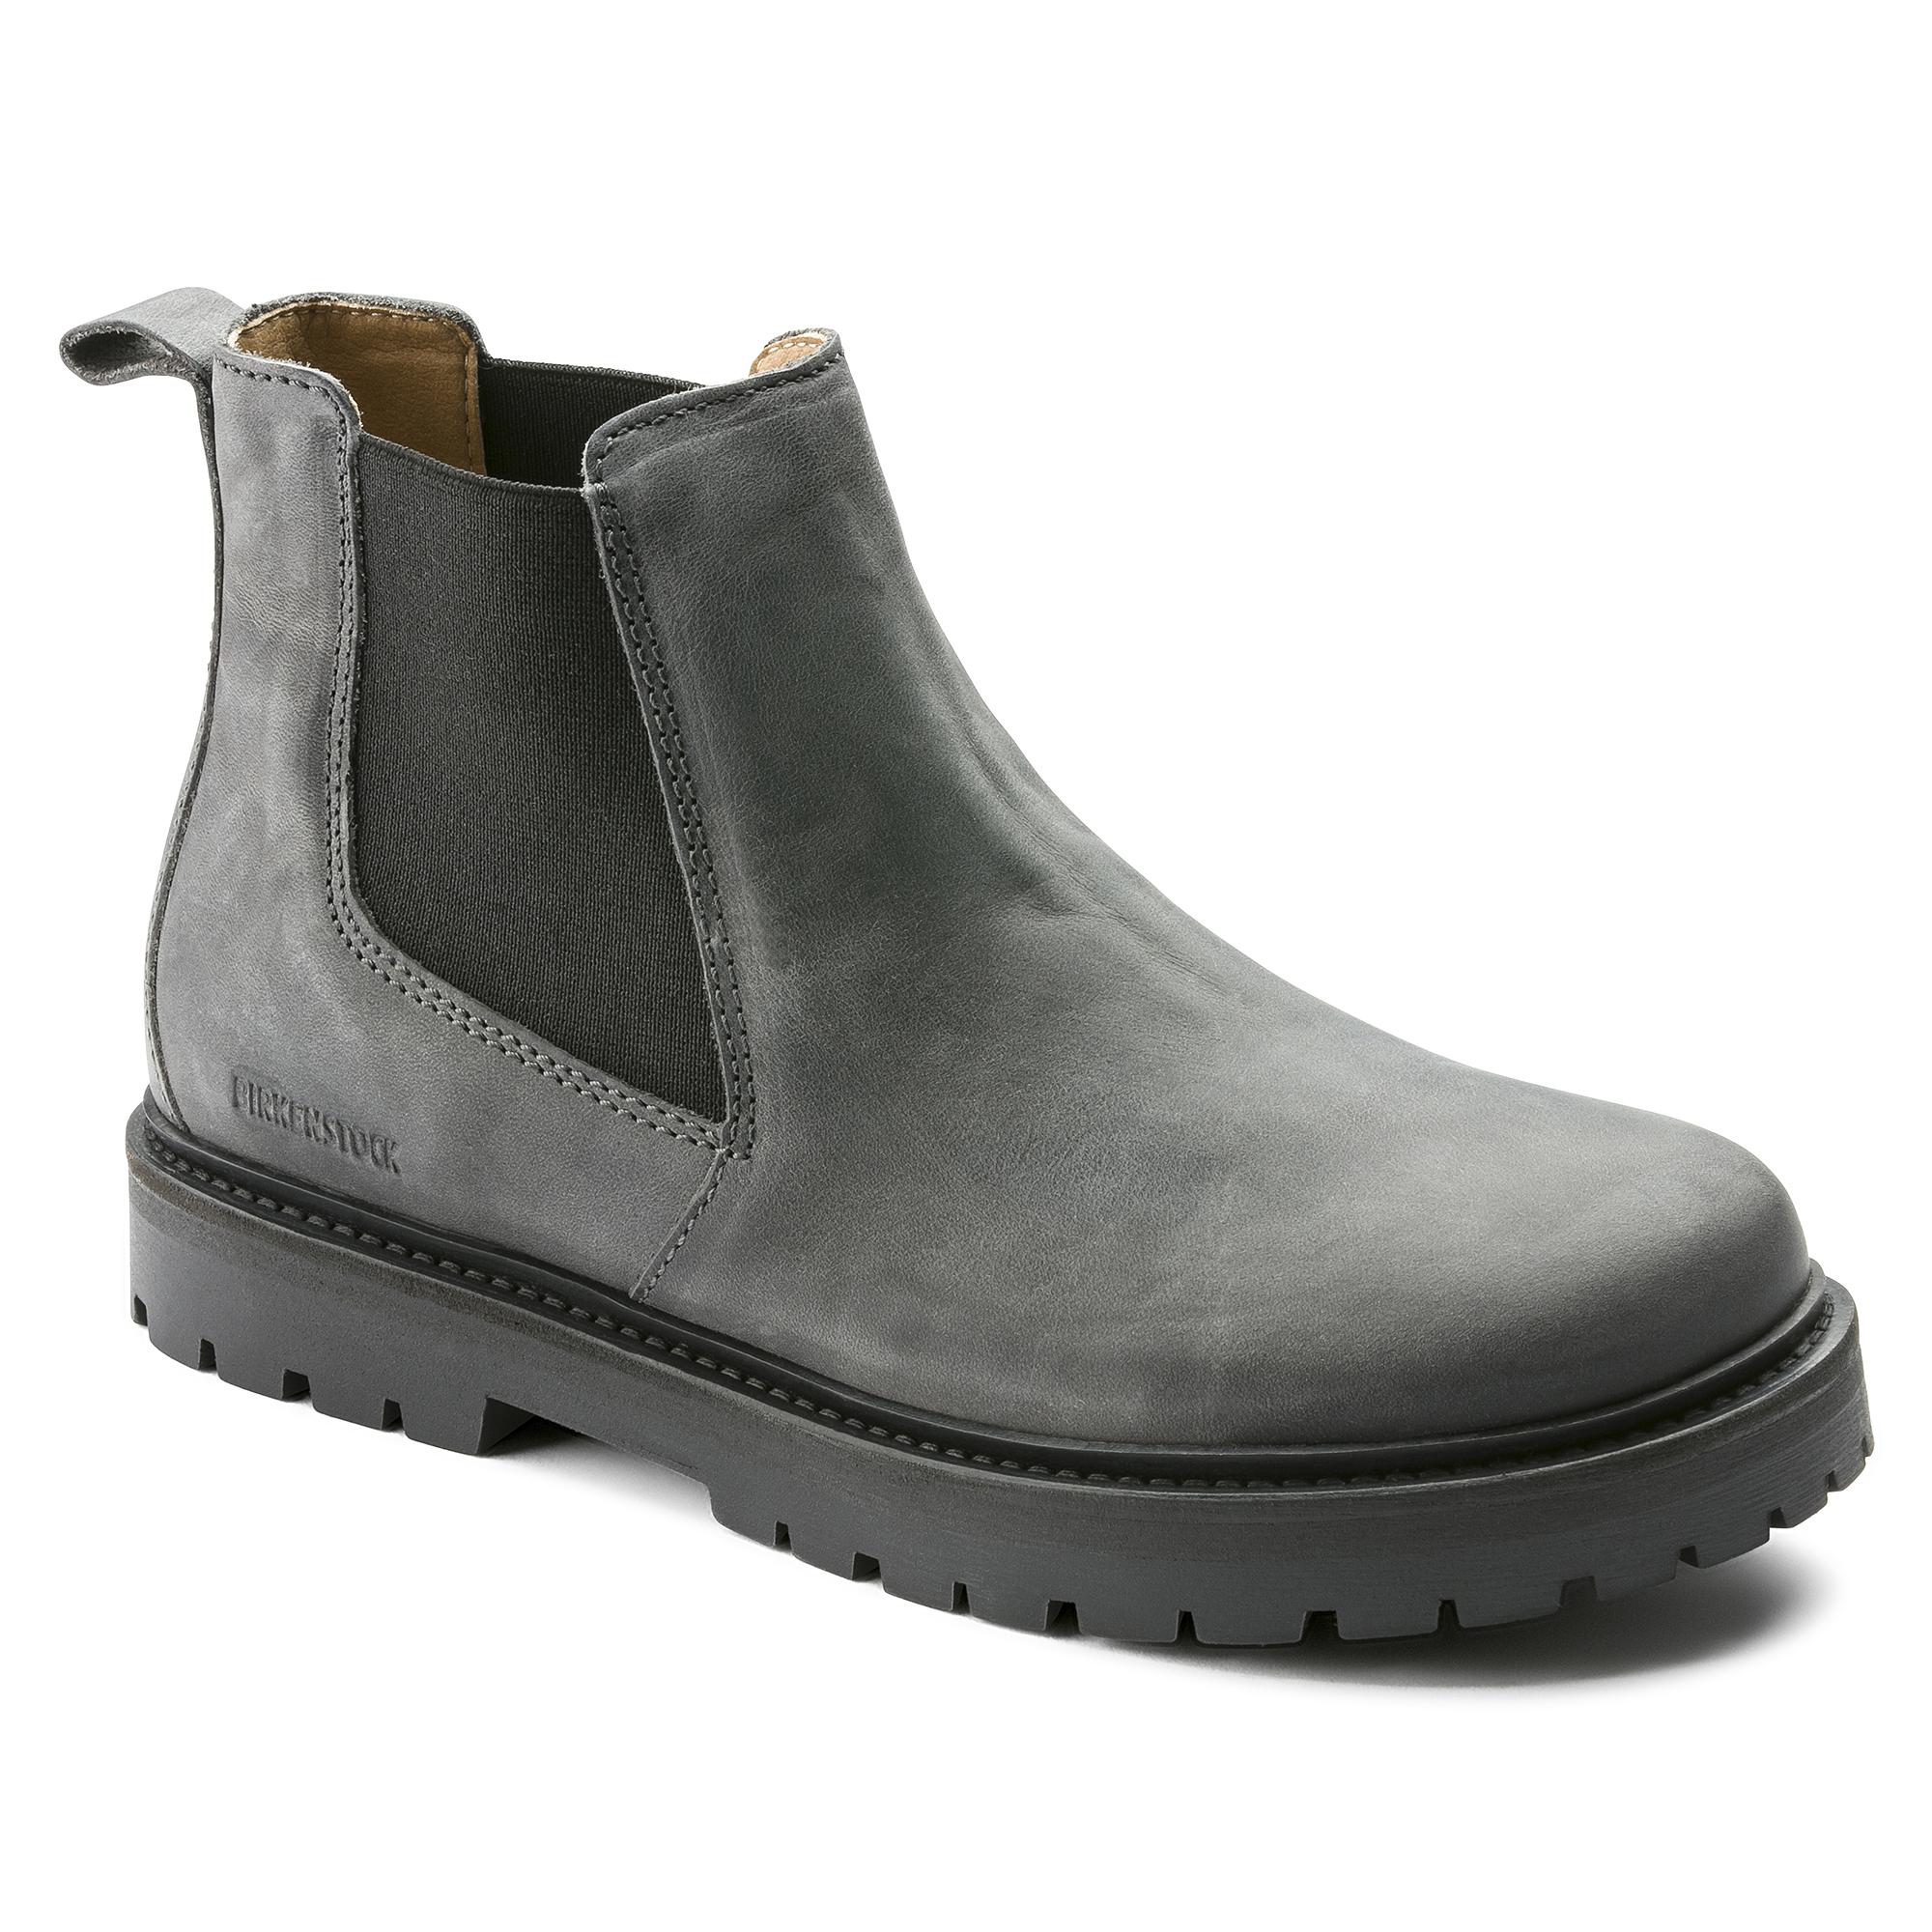 82a24556350e0 Stalon Nubuck Leather Graphite